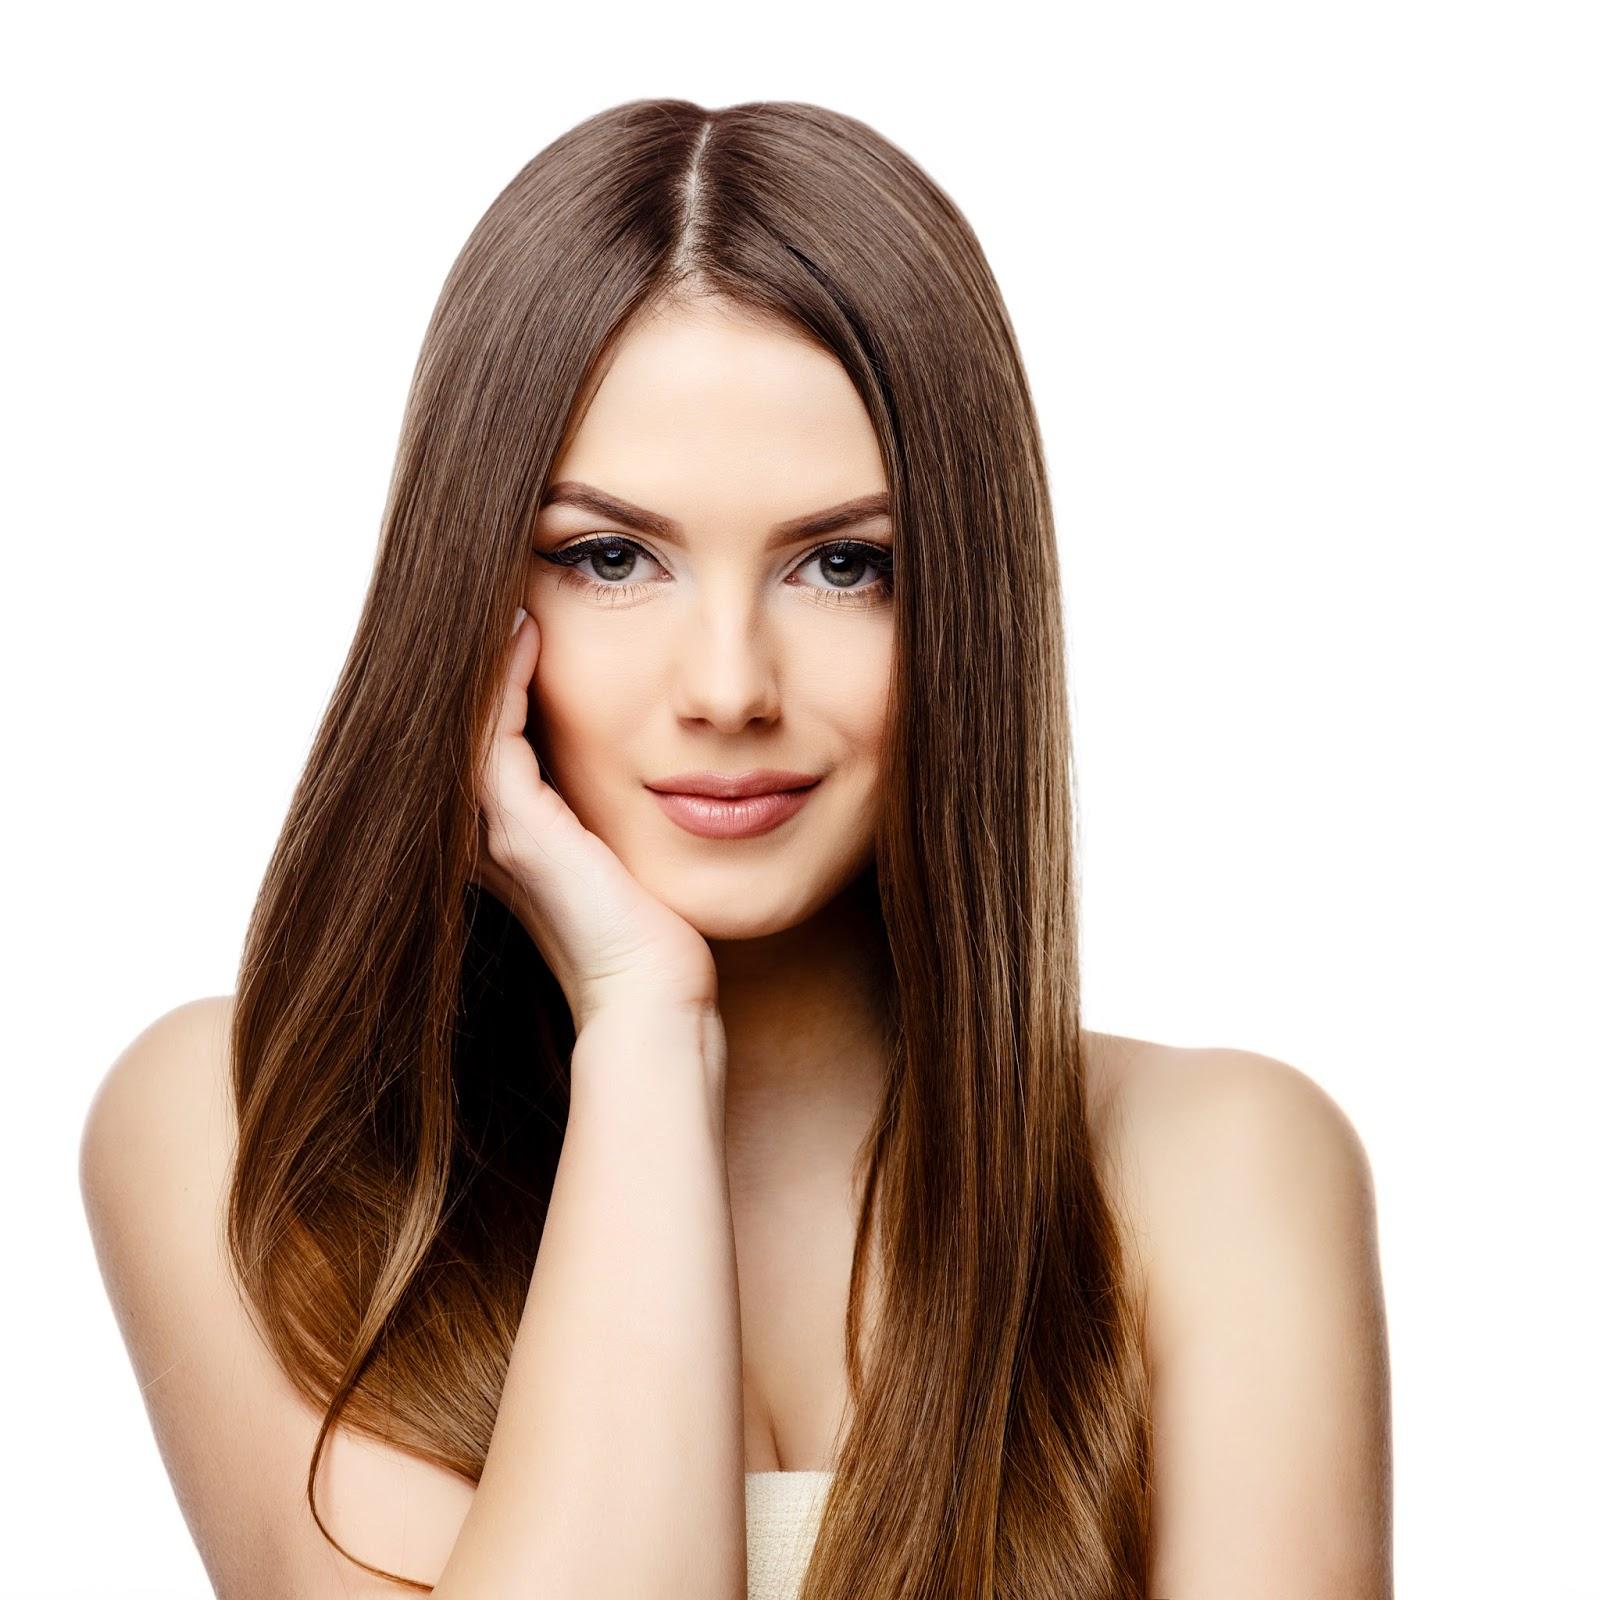 Uzun Sağlıklı Saçlara Sahip Olmak İçin Öneriler